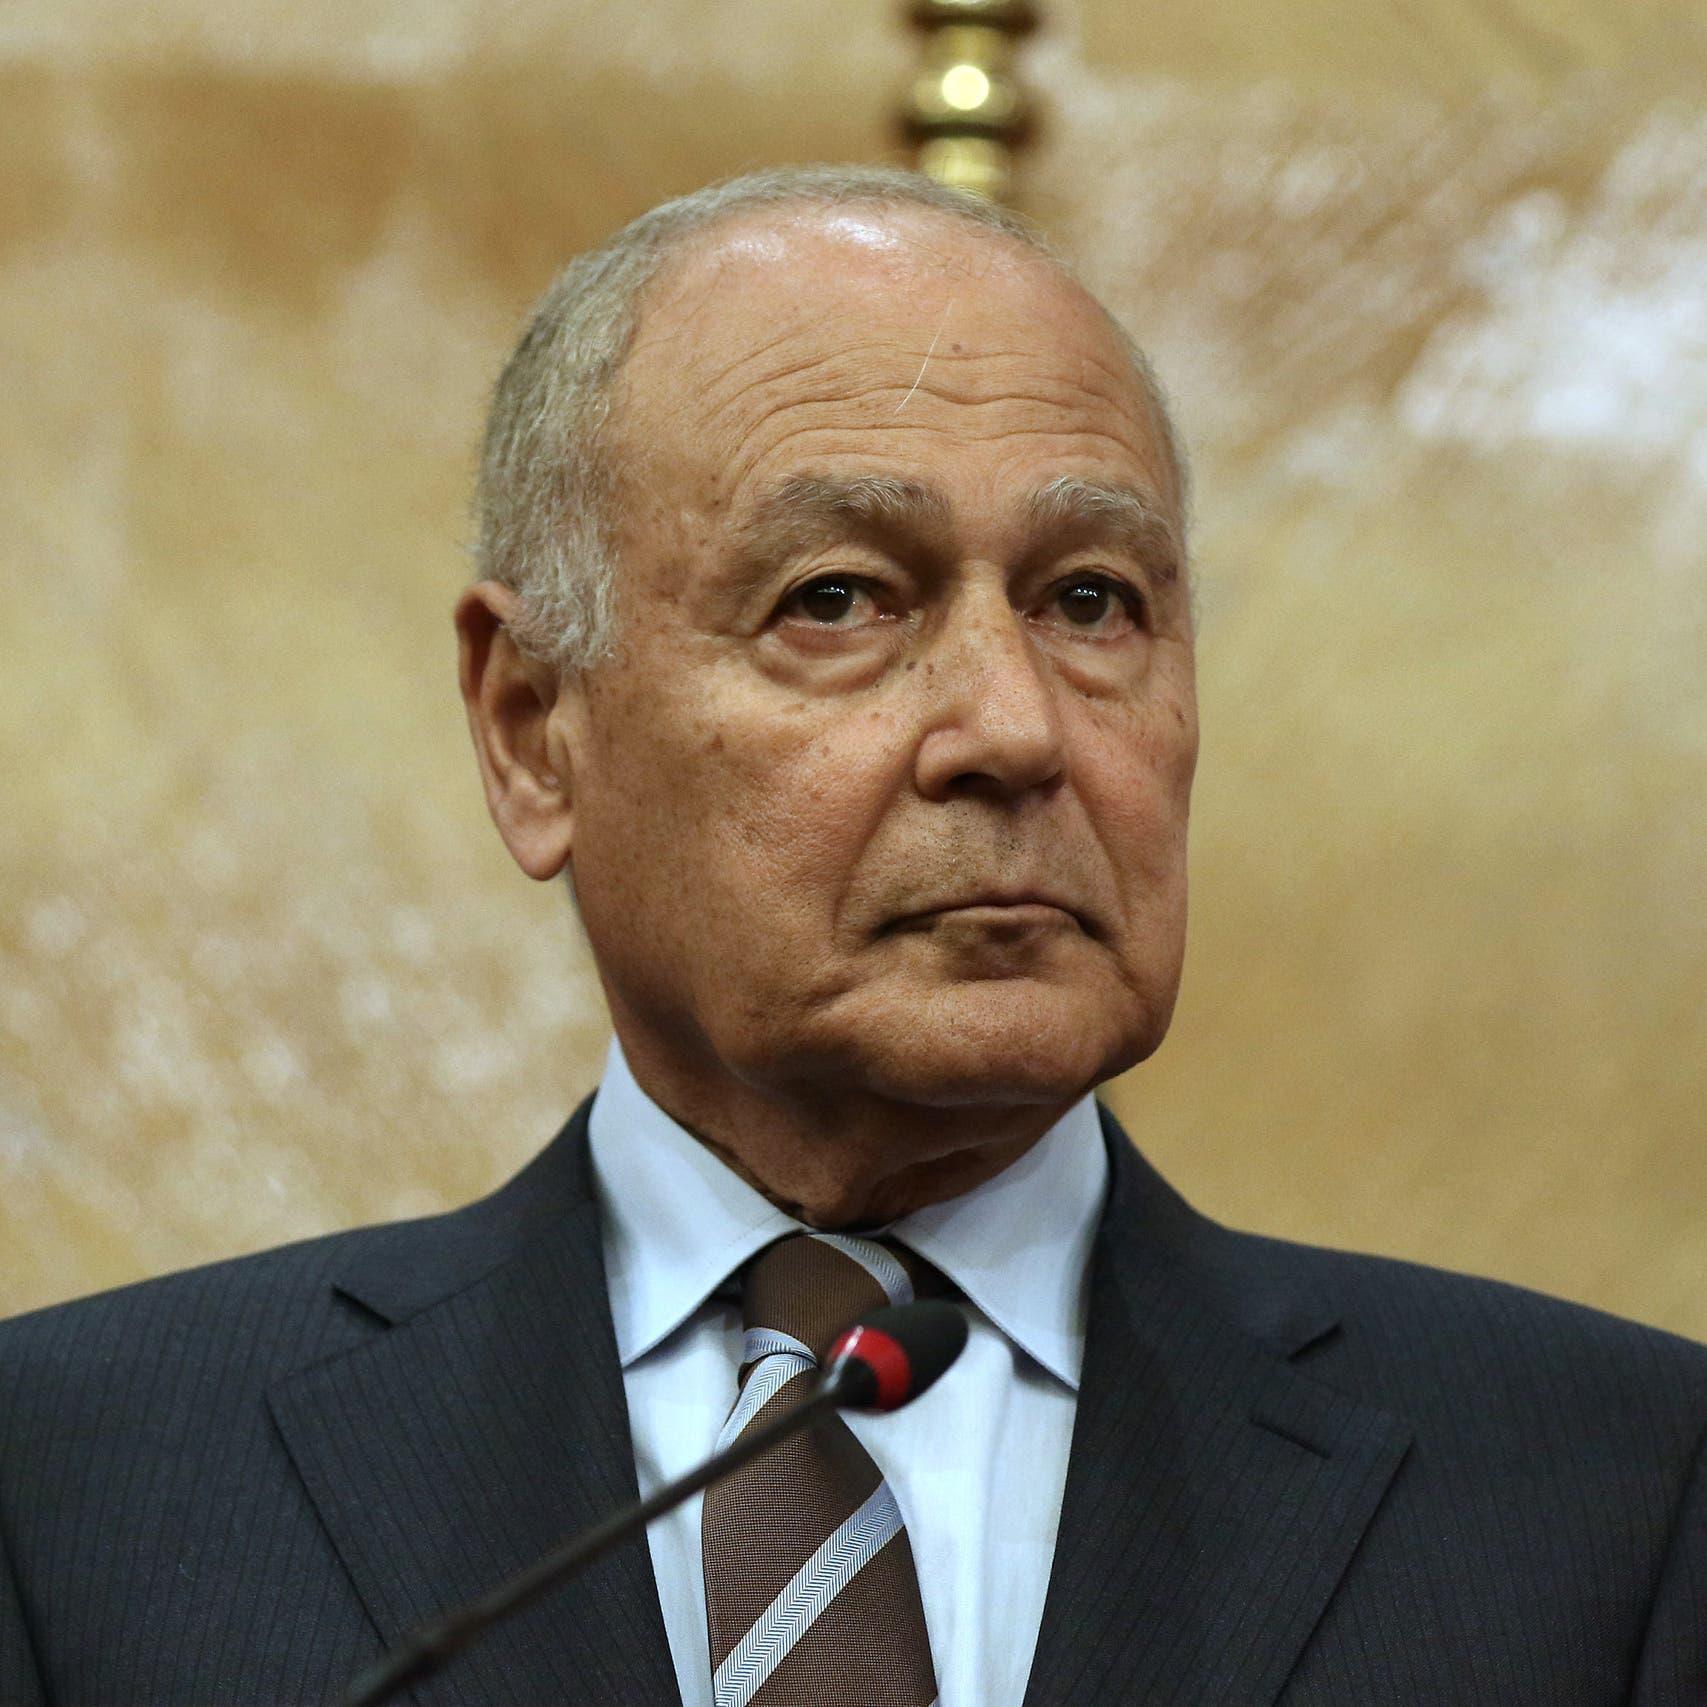 الجامعة العربية تحذر من خطورة التصعيد العسكري بشمال سوريا